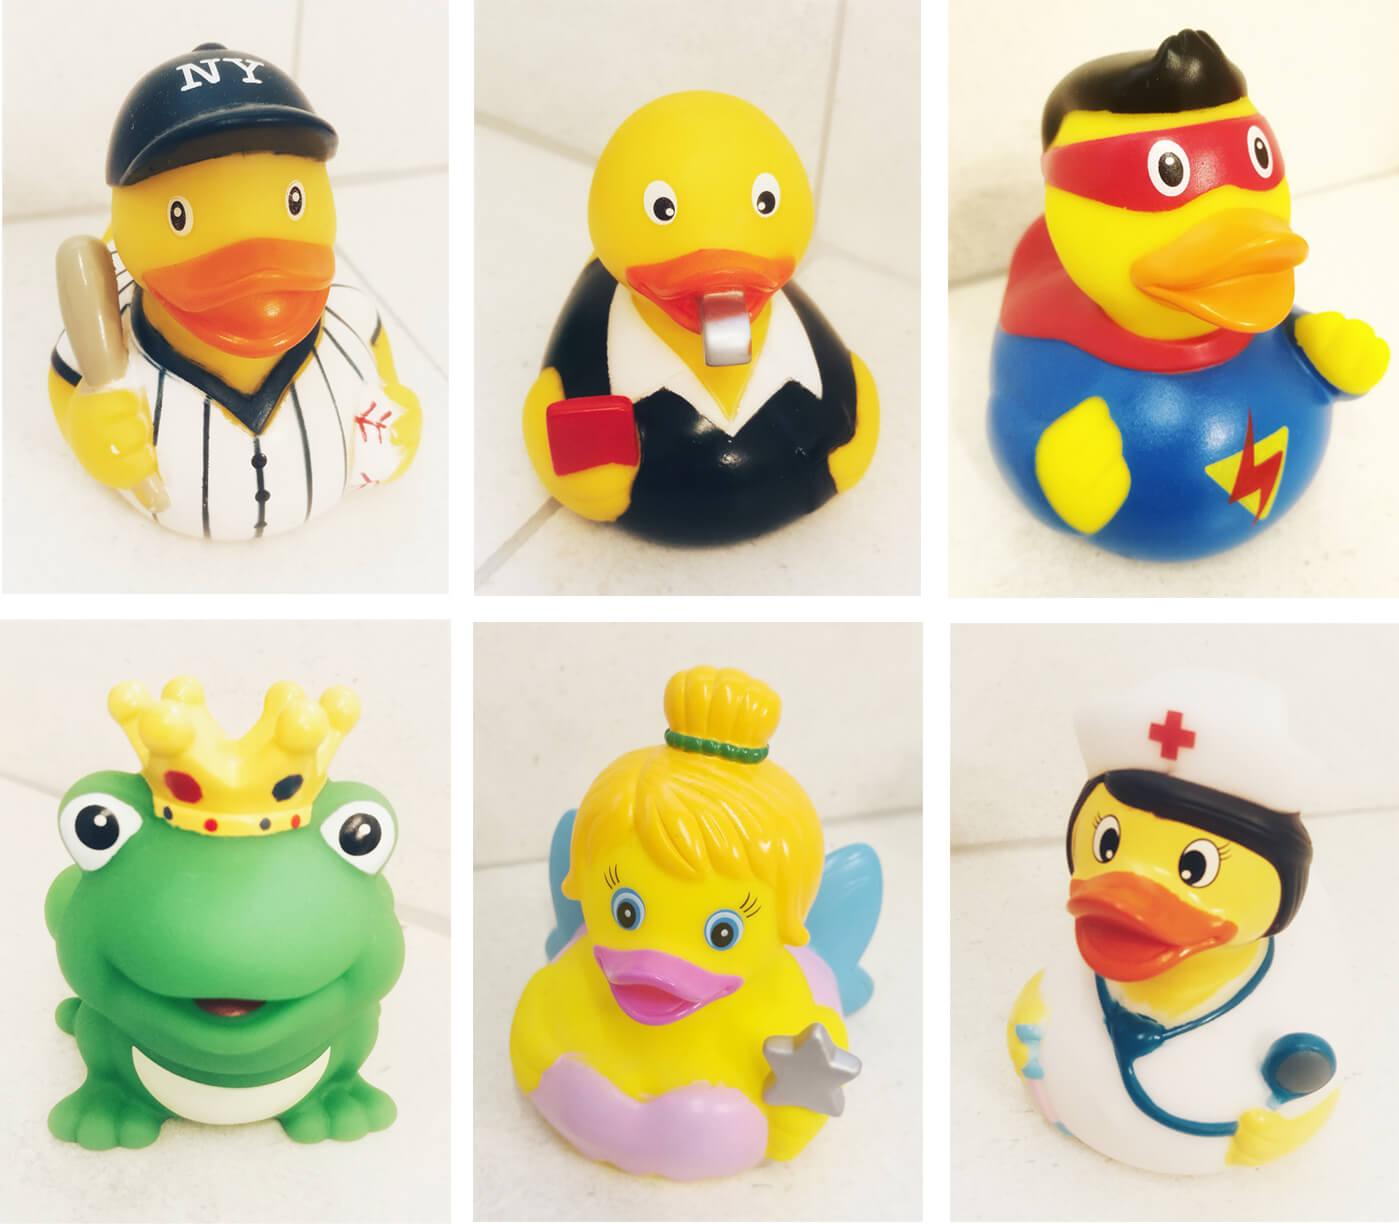 ברווזים לאמבטיה